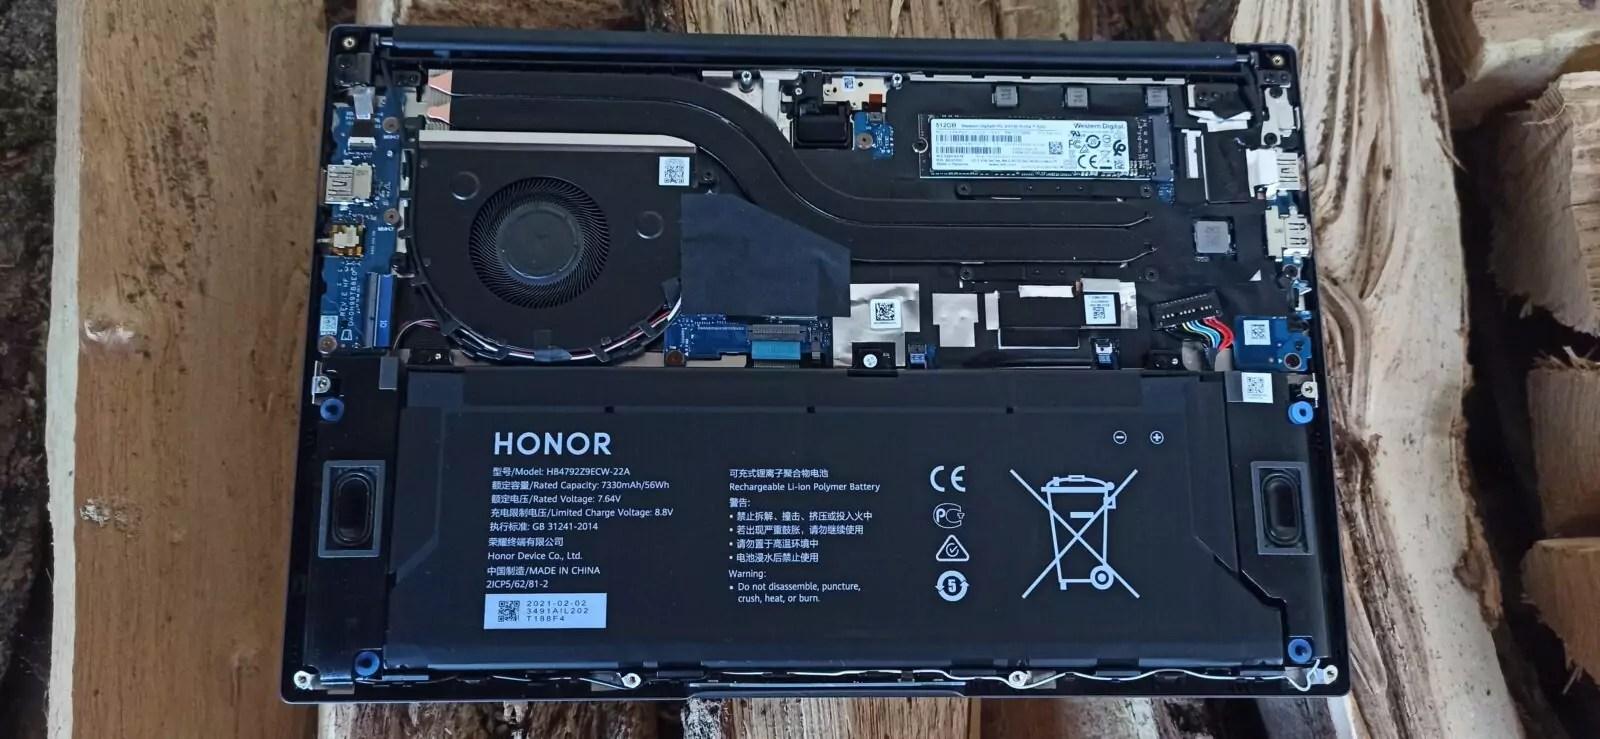 Honor magic book 14 démonté